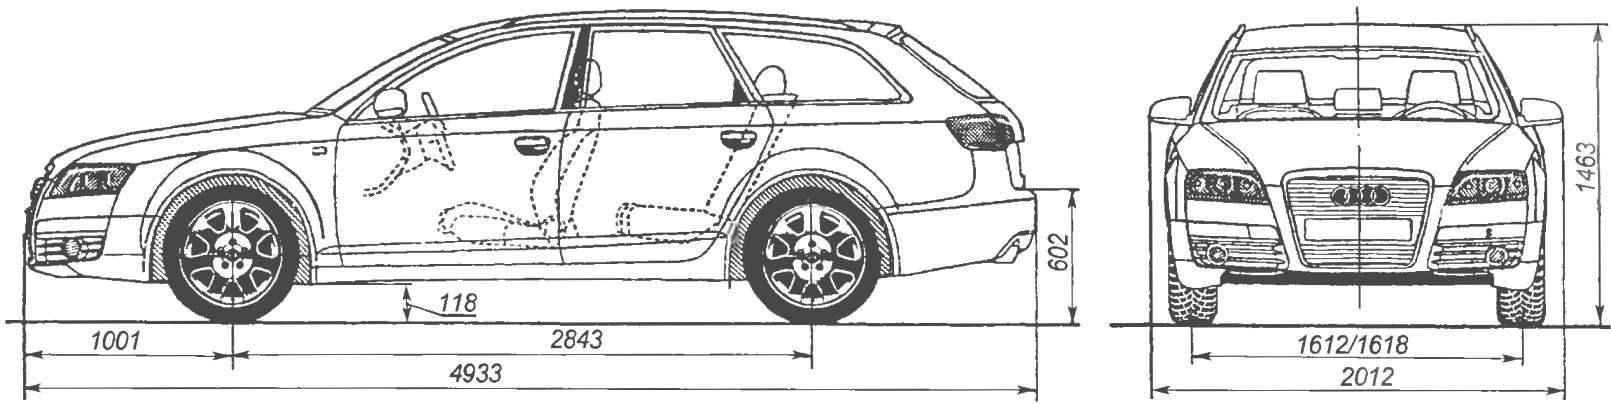 Геометрическая схема универсала AUDI А6 AVANT